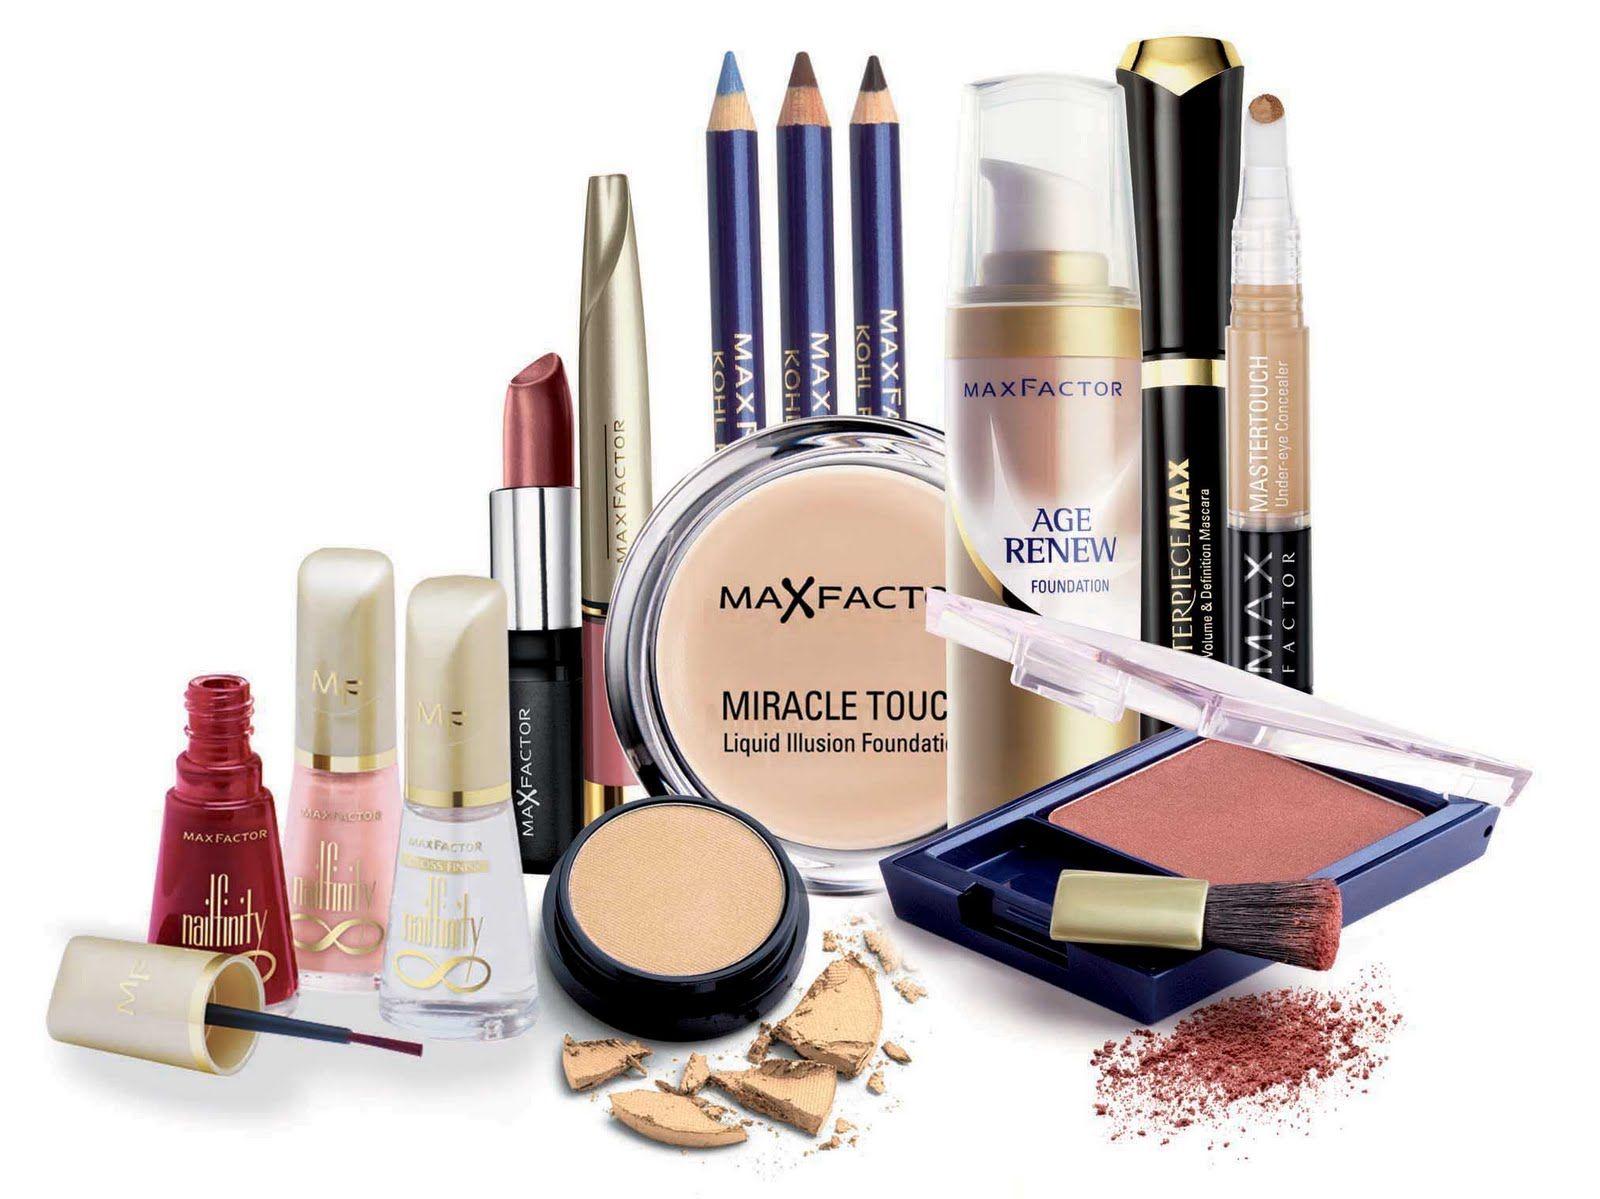 MaXfactor makeup Max factor makeup, Makeup for beginners